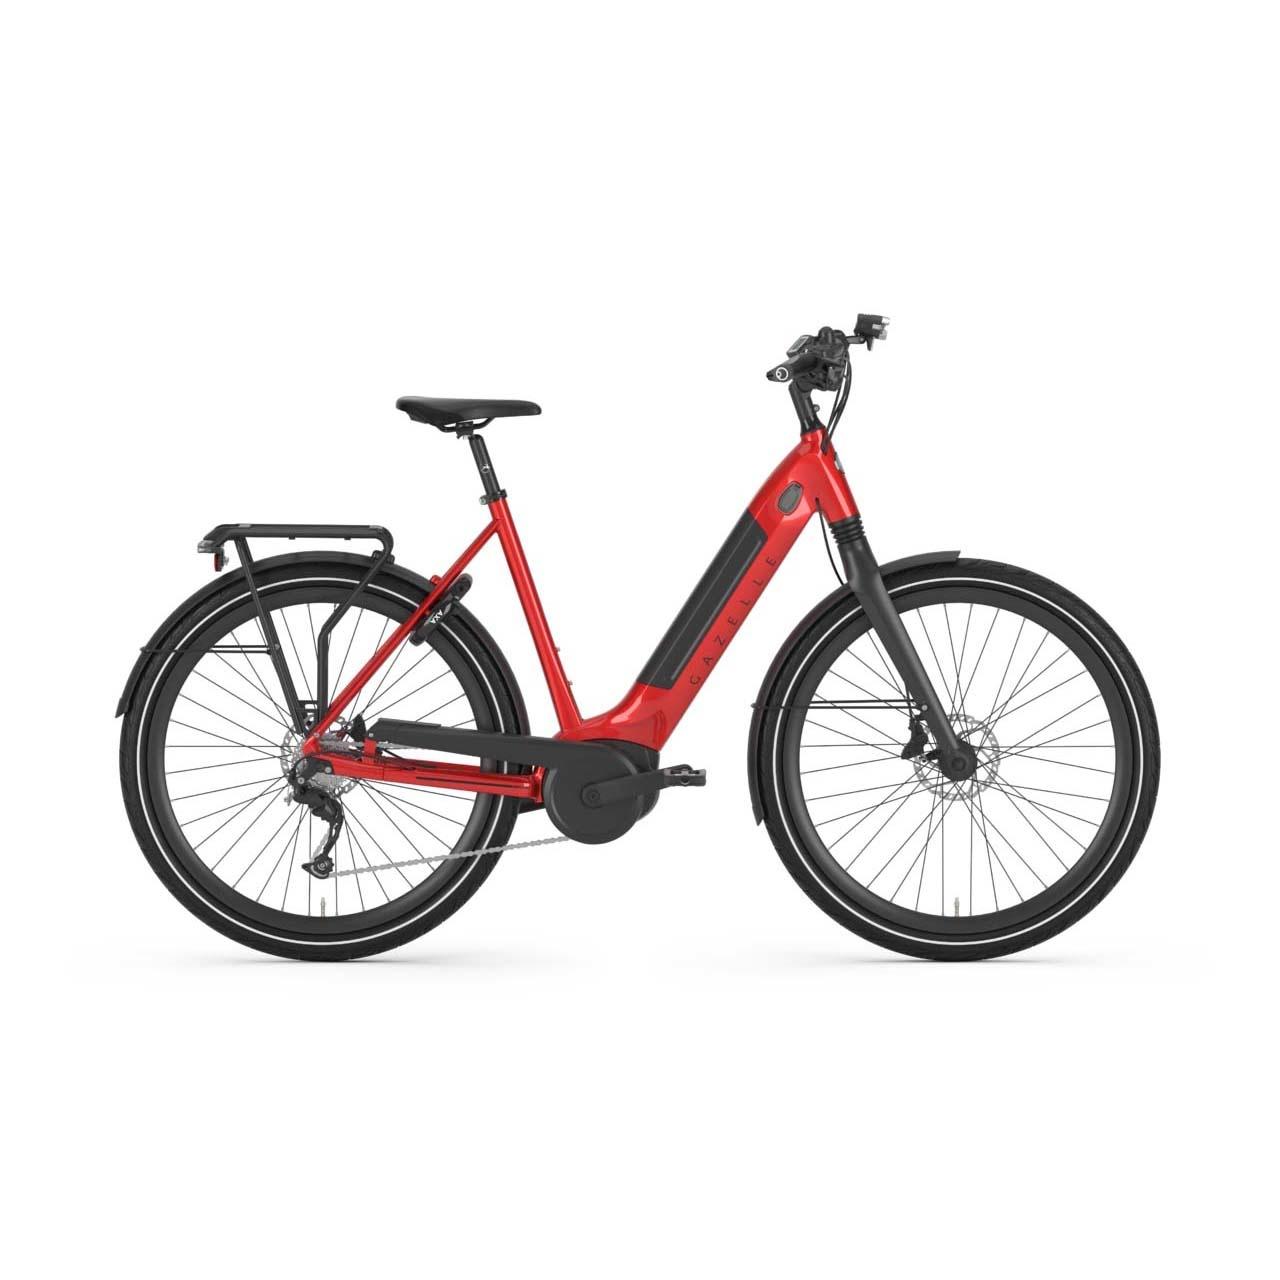 Gazelle Ultimate e-bike